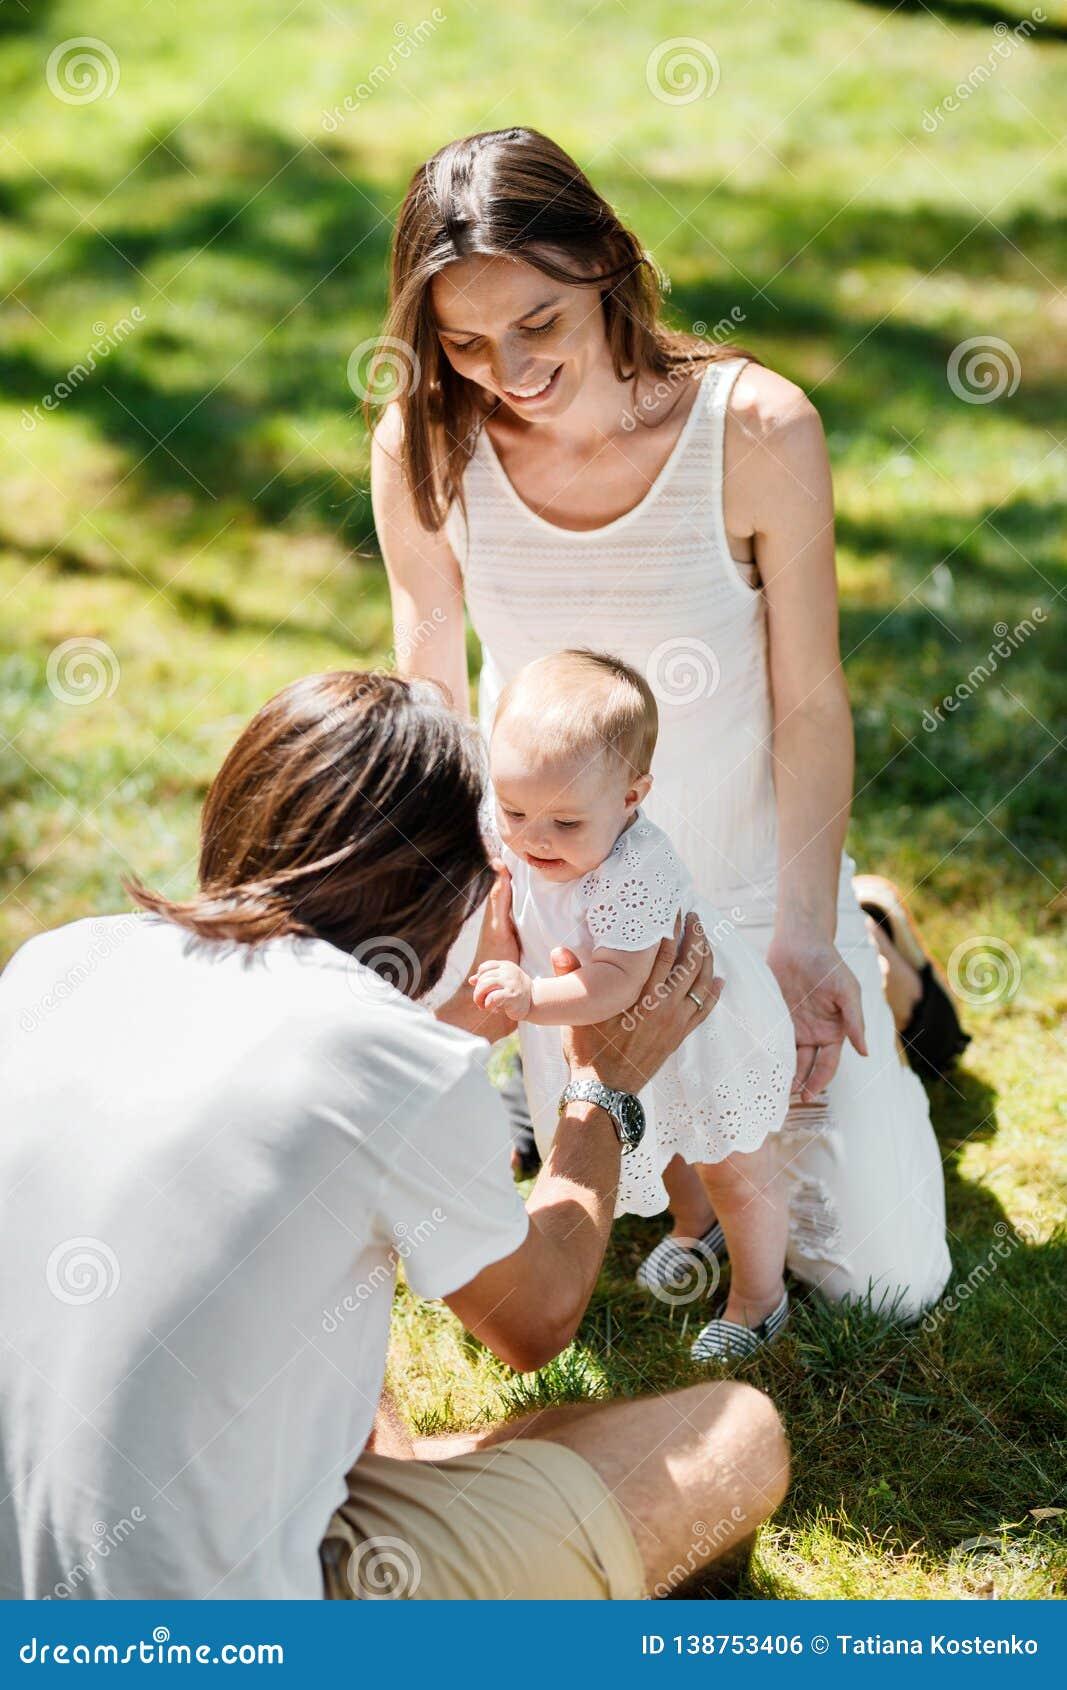 Οι γονείς Enchanted κάθονται στο χορτοτάπητα και διδάσκουν τη μικρή κόρη τους πώς να κάνουν τα πρώτα βήματά της